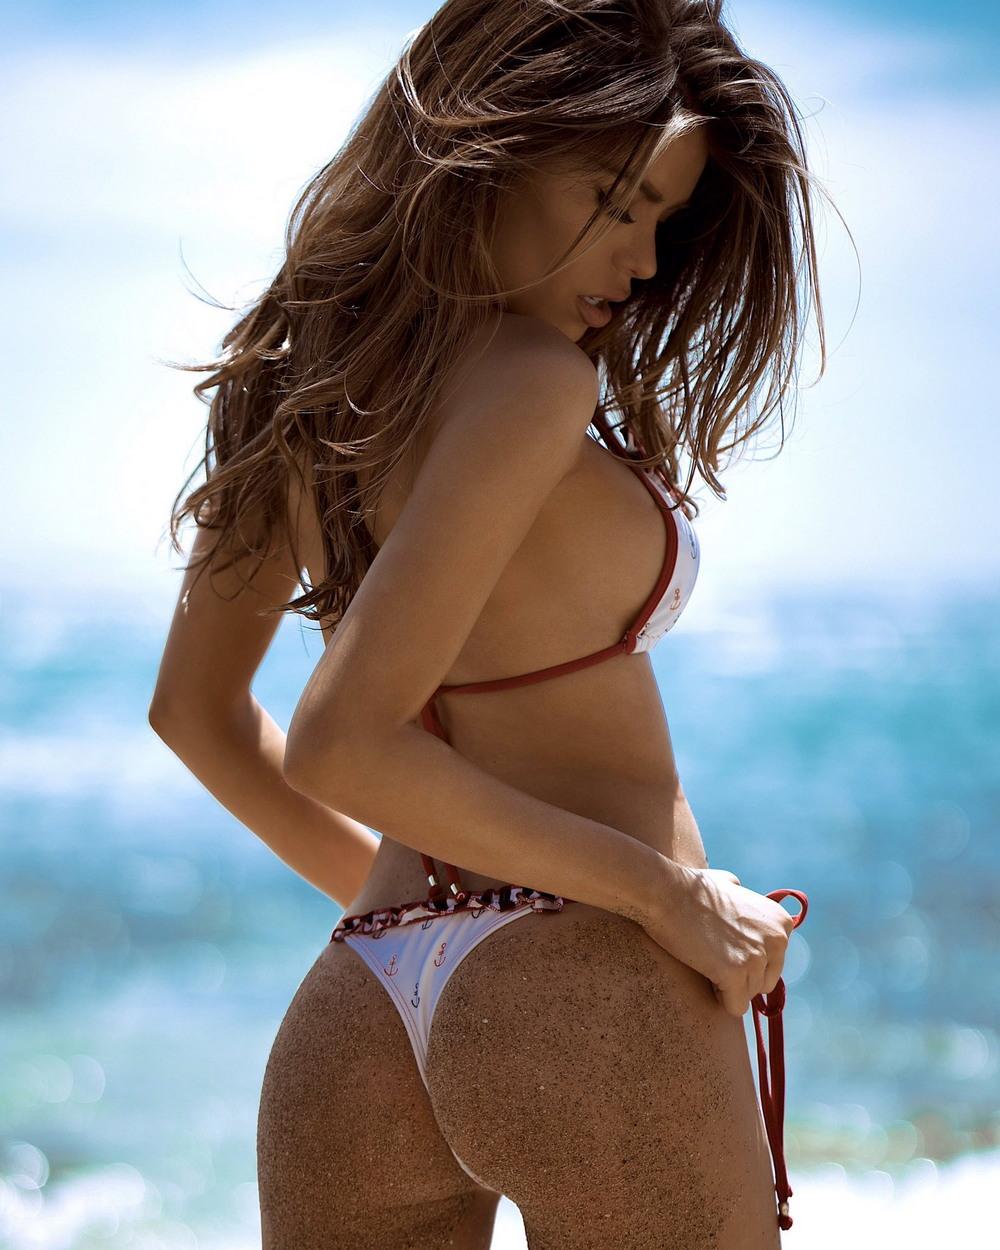 вызывает девушки на пляже фото бикини ахуенном так можете посмотреть